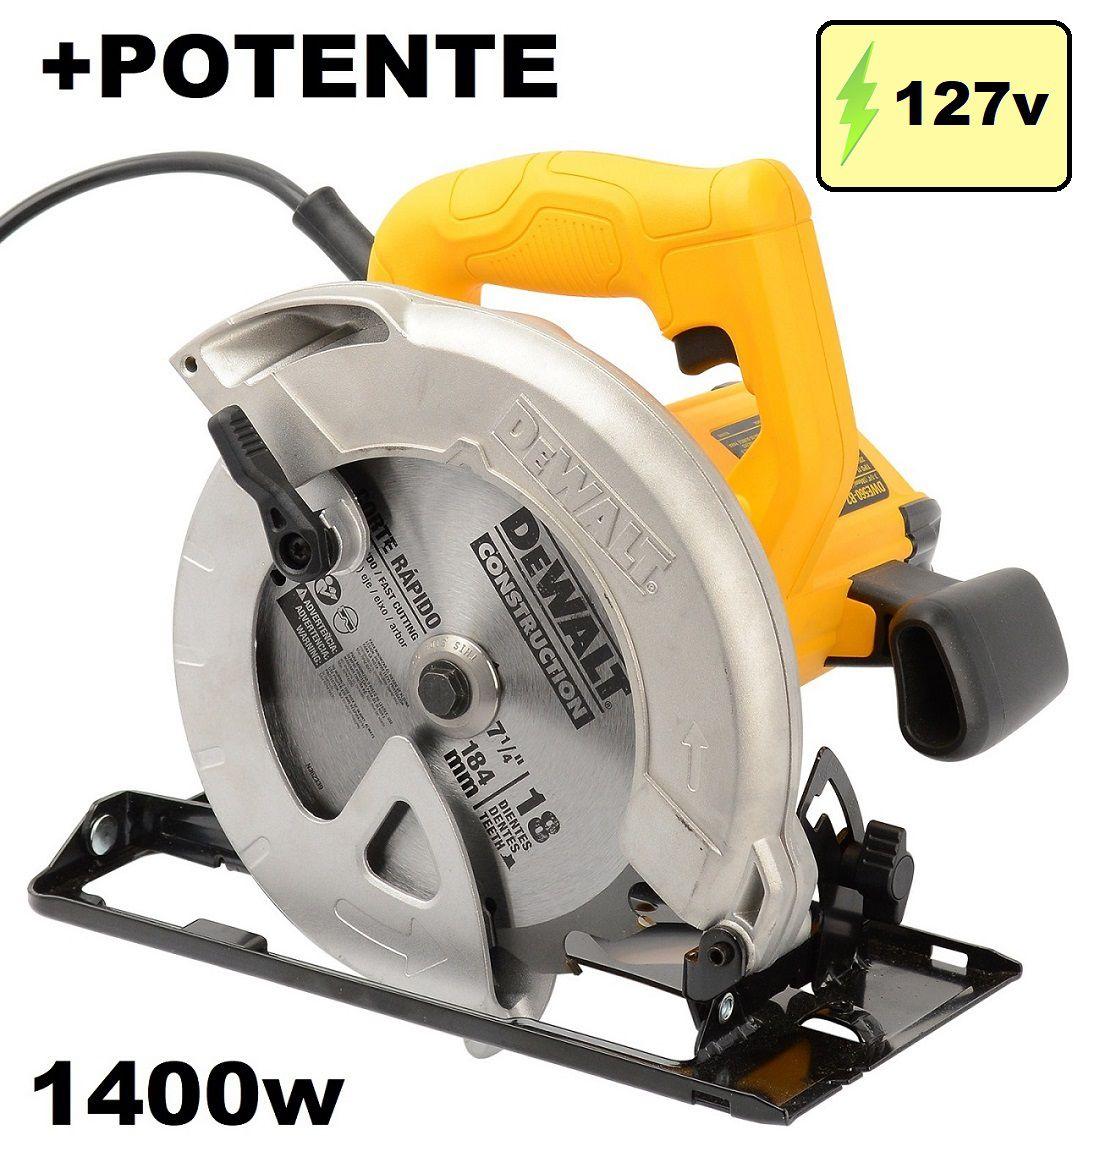 Serra Circular Elétrica 7 1/4'' 1400w 127v DWE560BR Dewalt